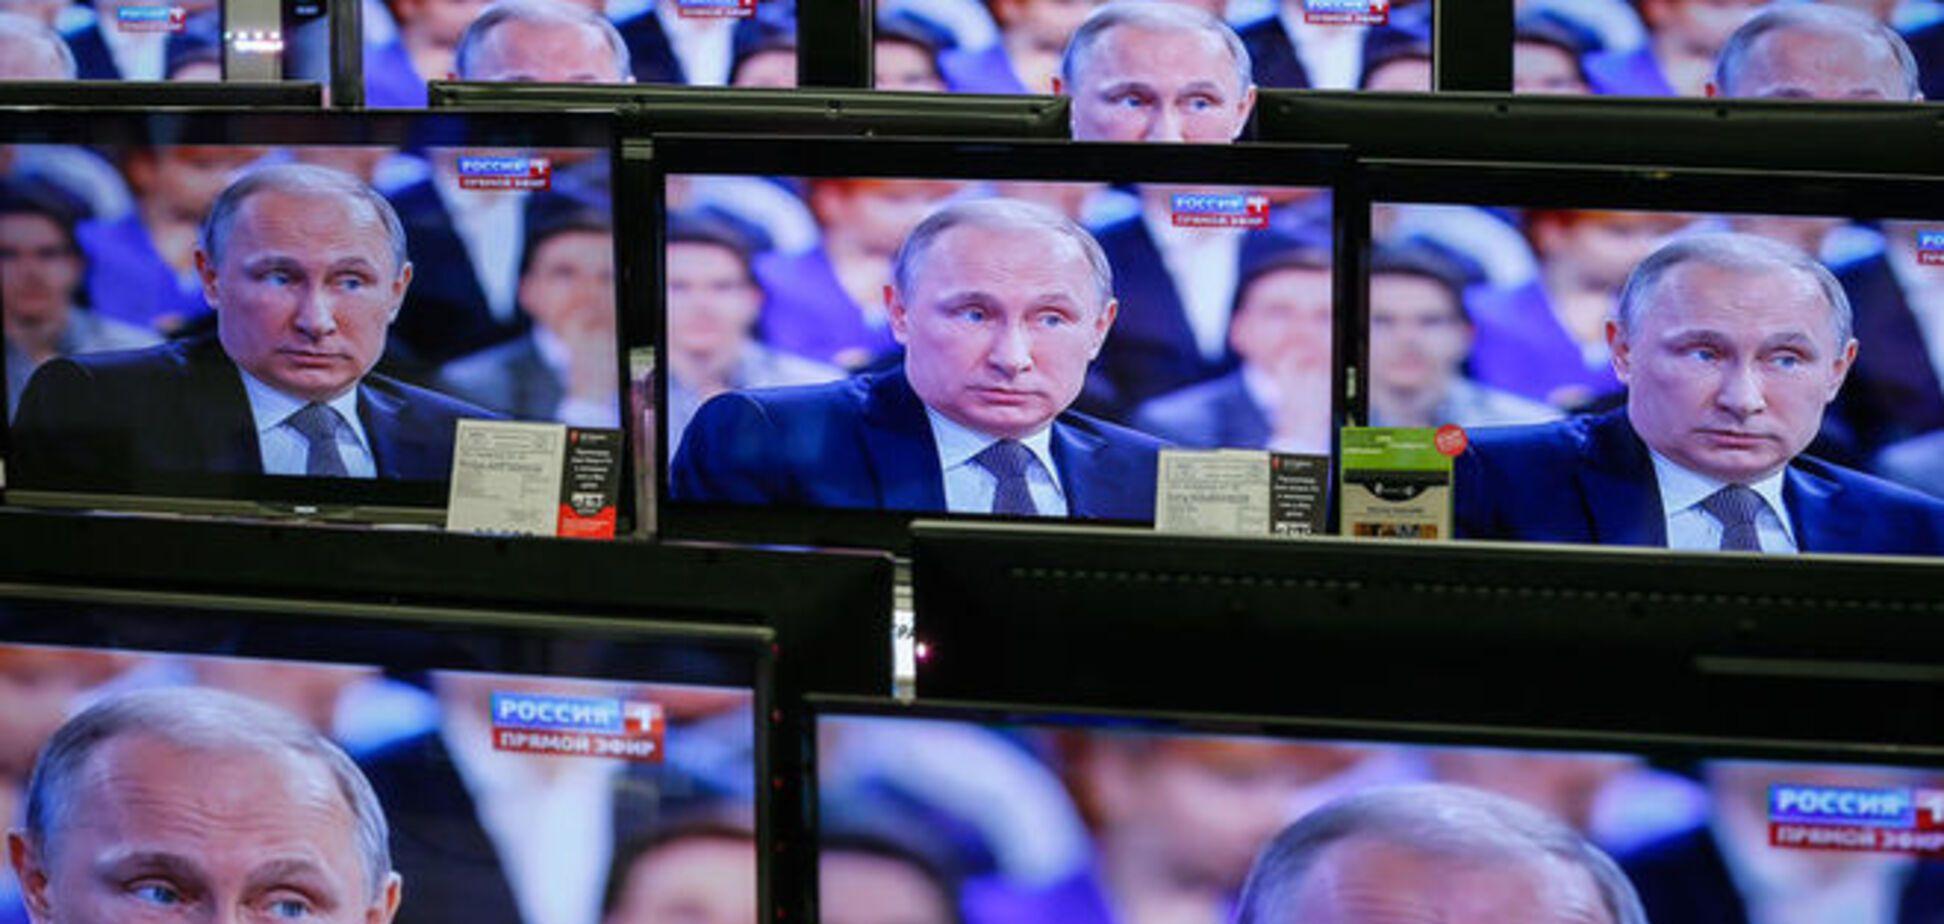 Сигнал от Путина: войны не будет